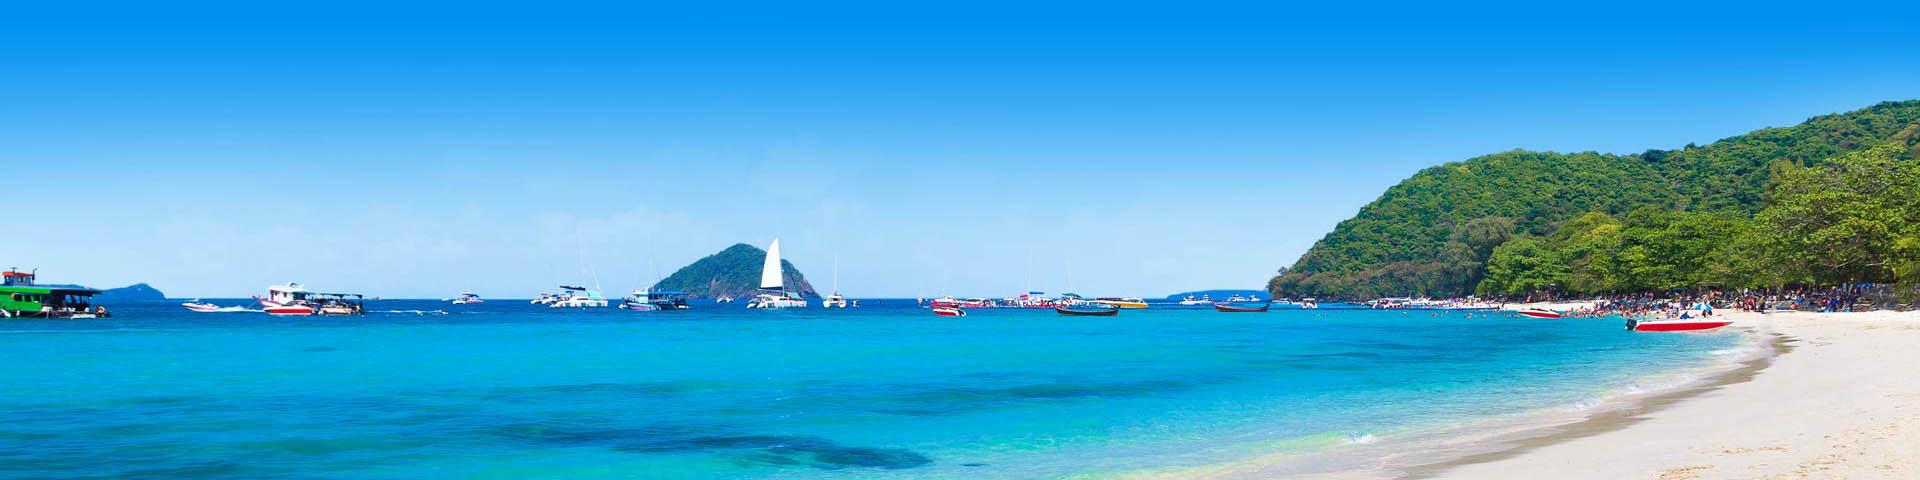 Wit strand met prachtig helderblauwe zee en vissersbootjes